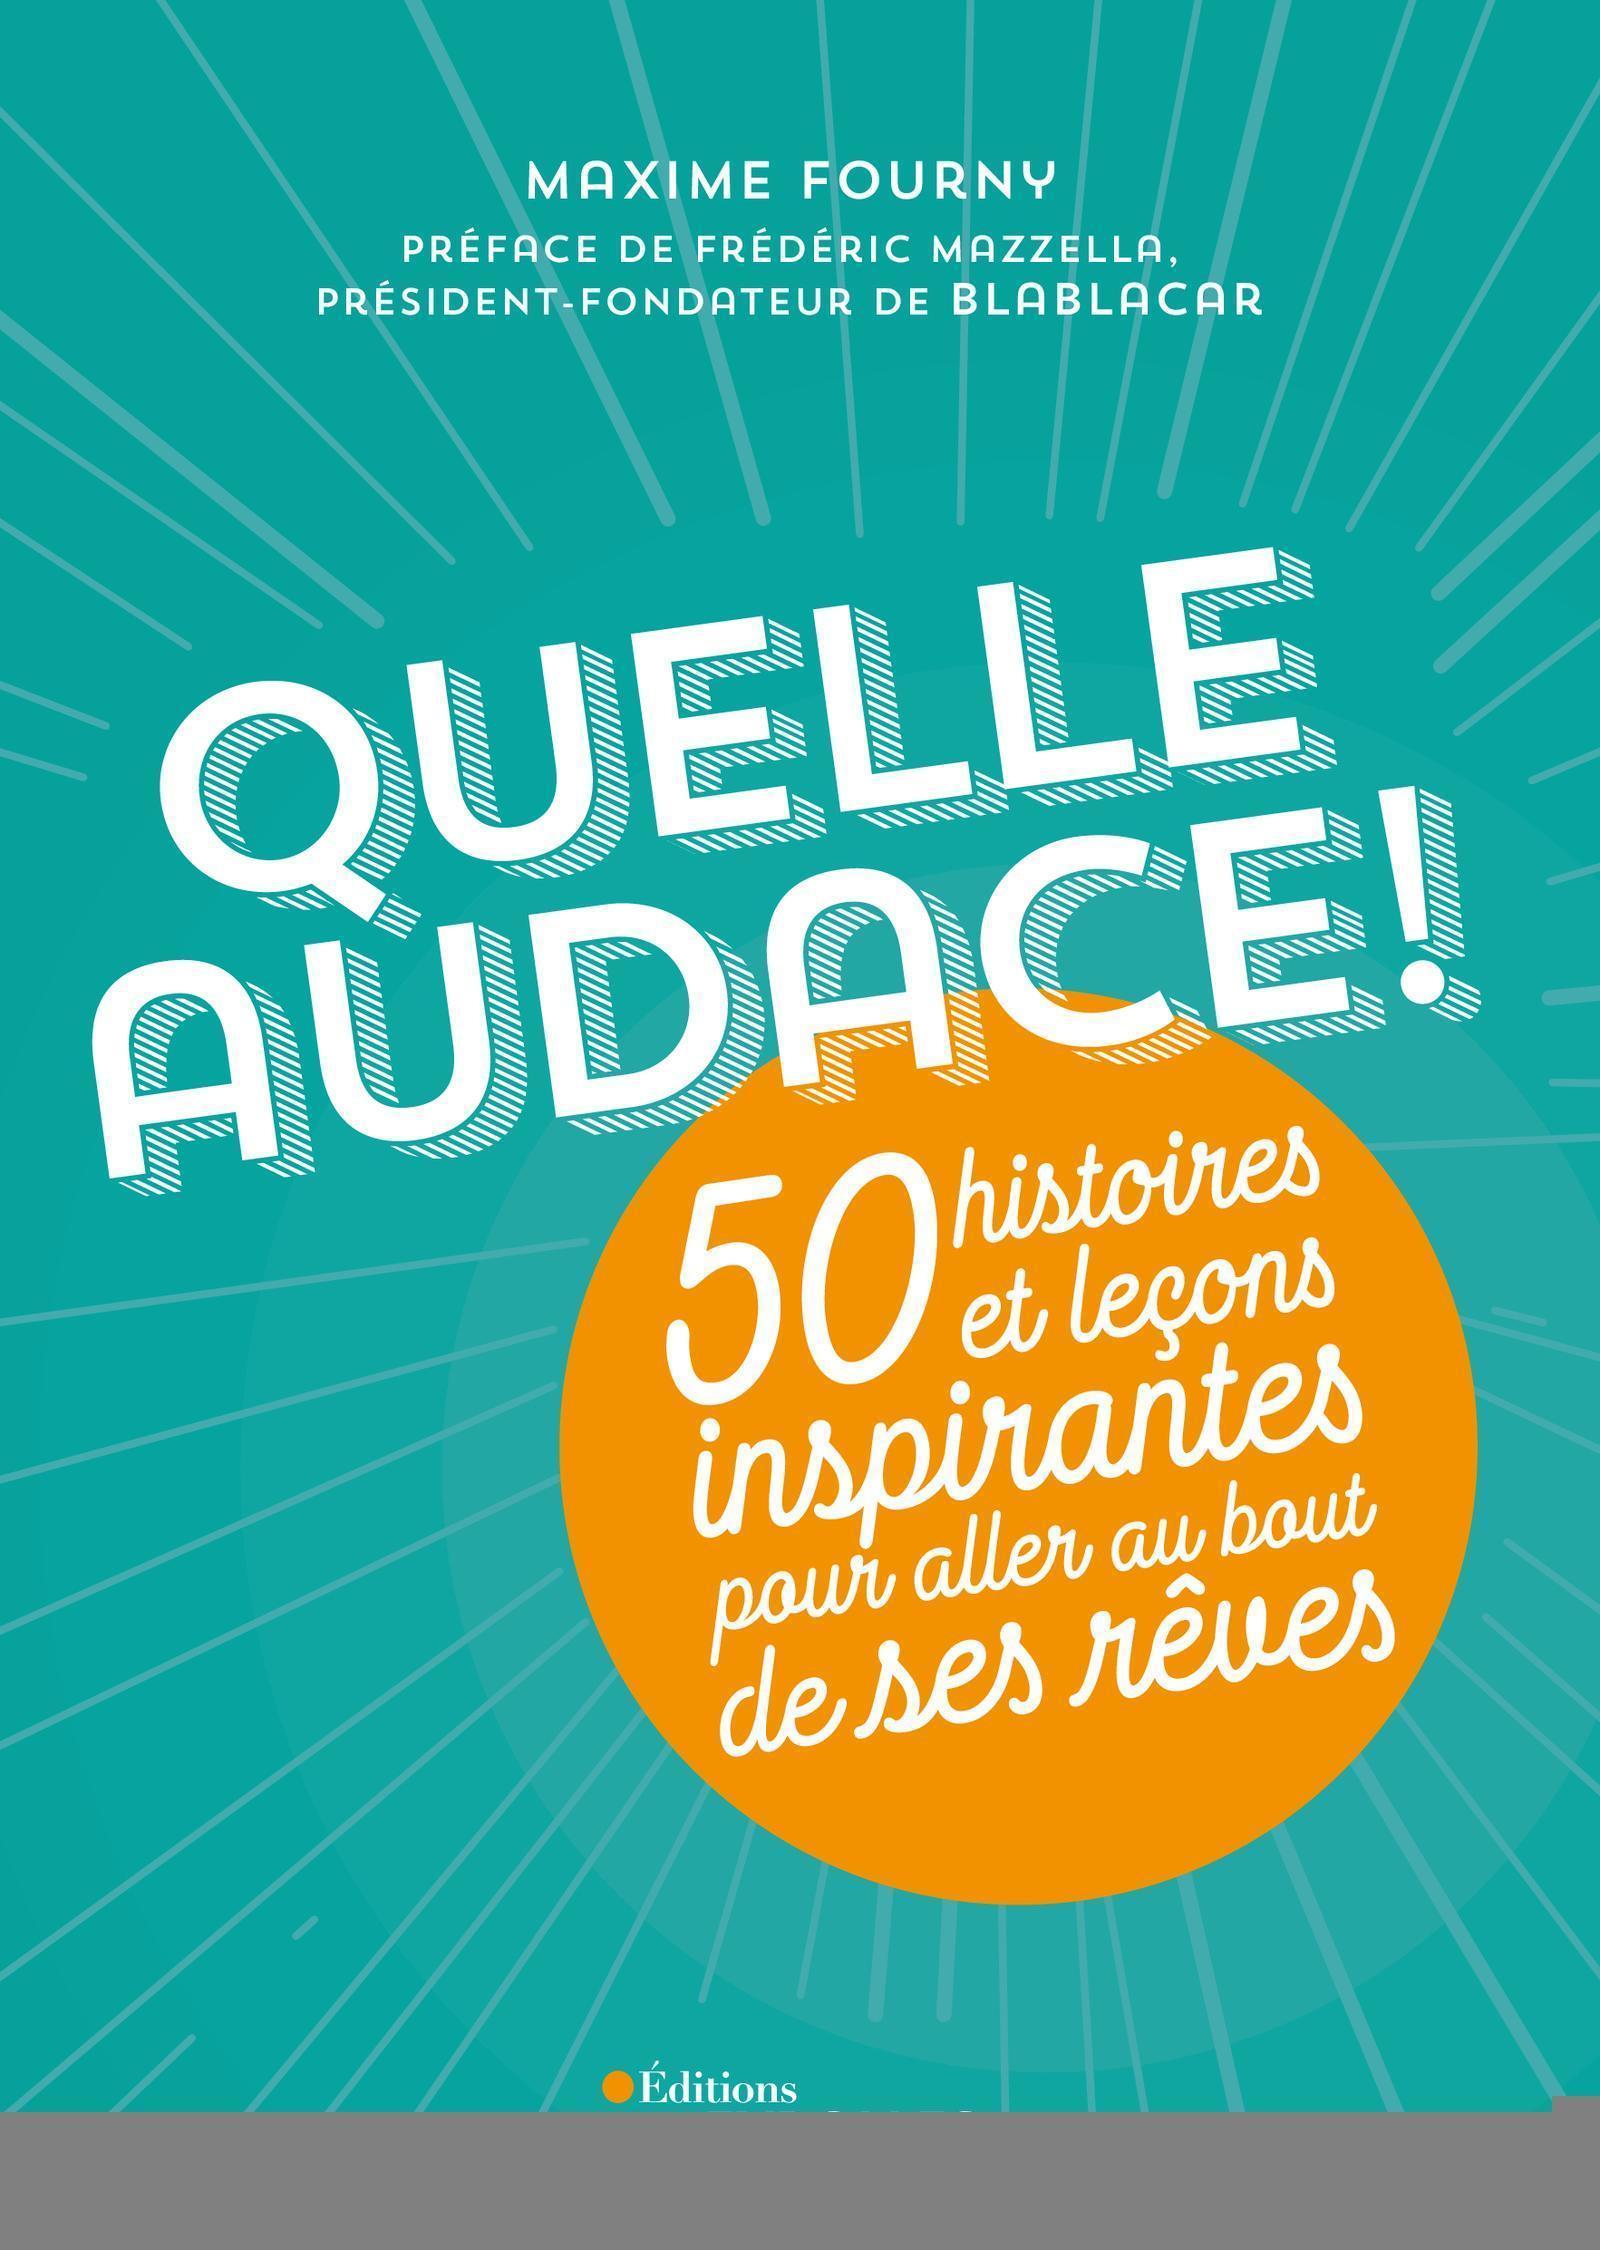 QUELLE AUDACE ! - 50 HISTOIRES ET LECONS INSPIRANTES POUR ALLER AU BOUT DE SES REVES